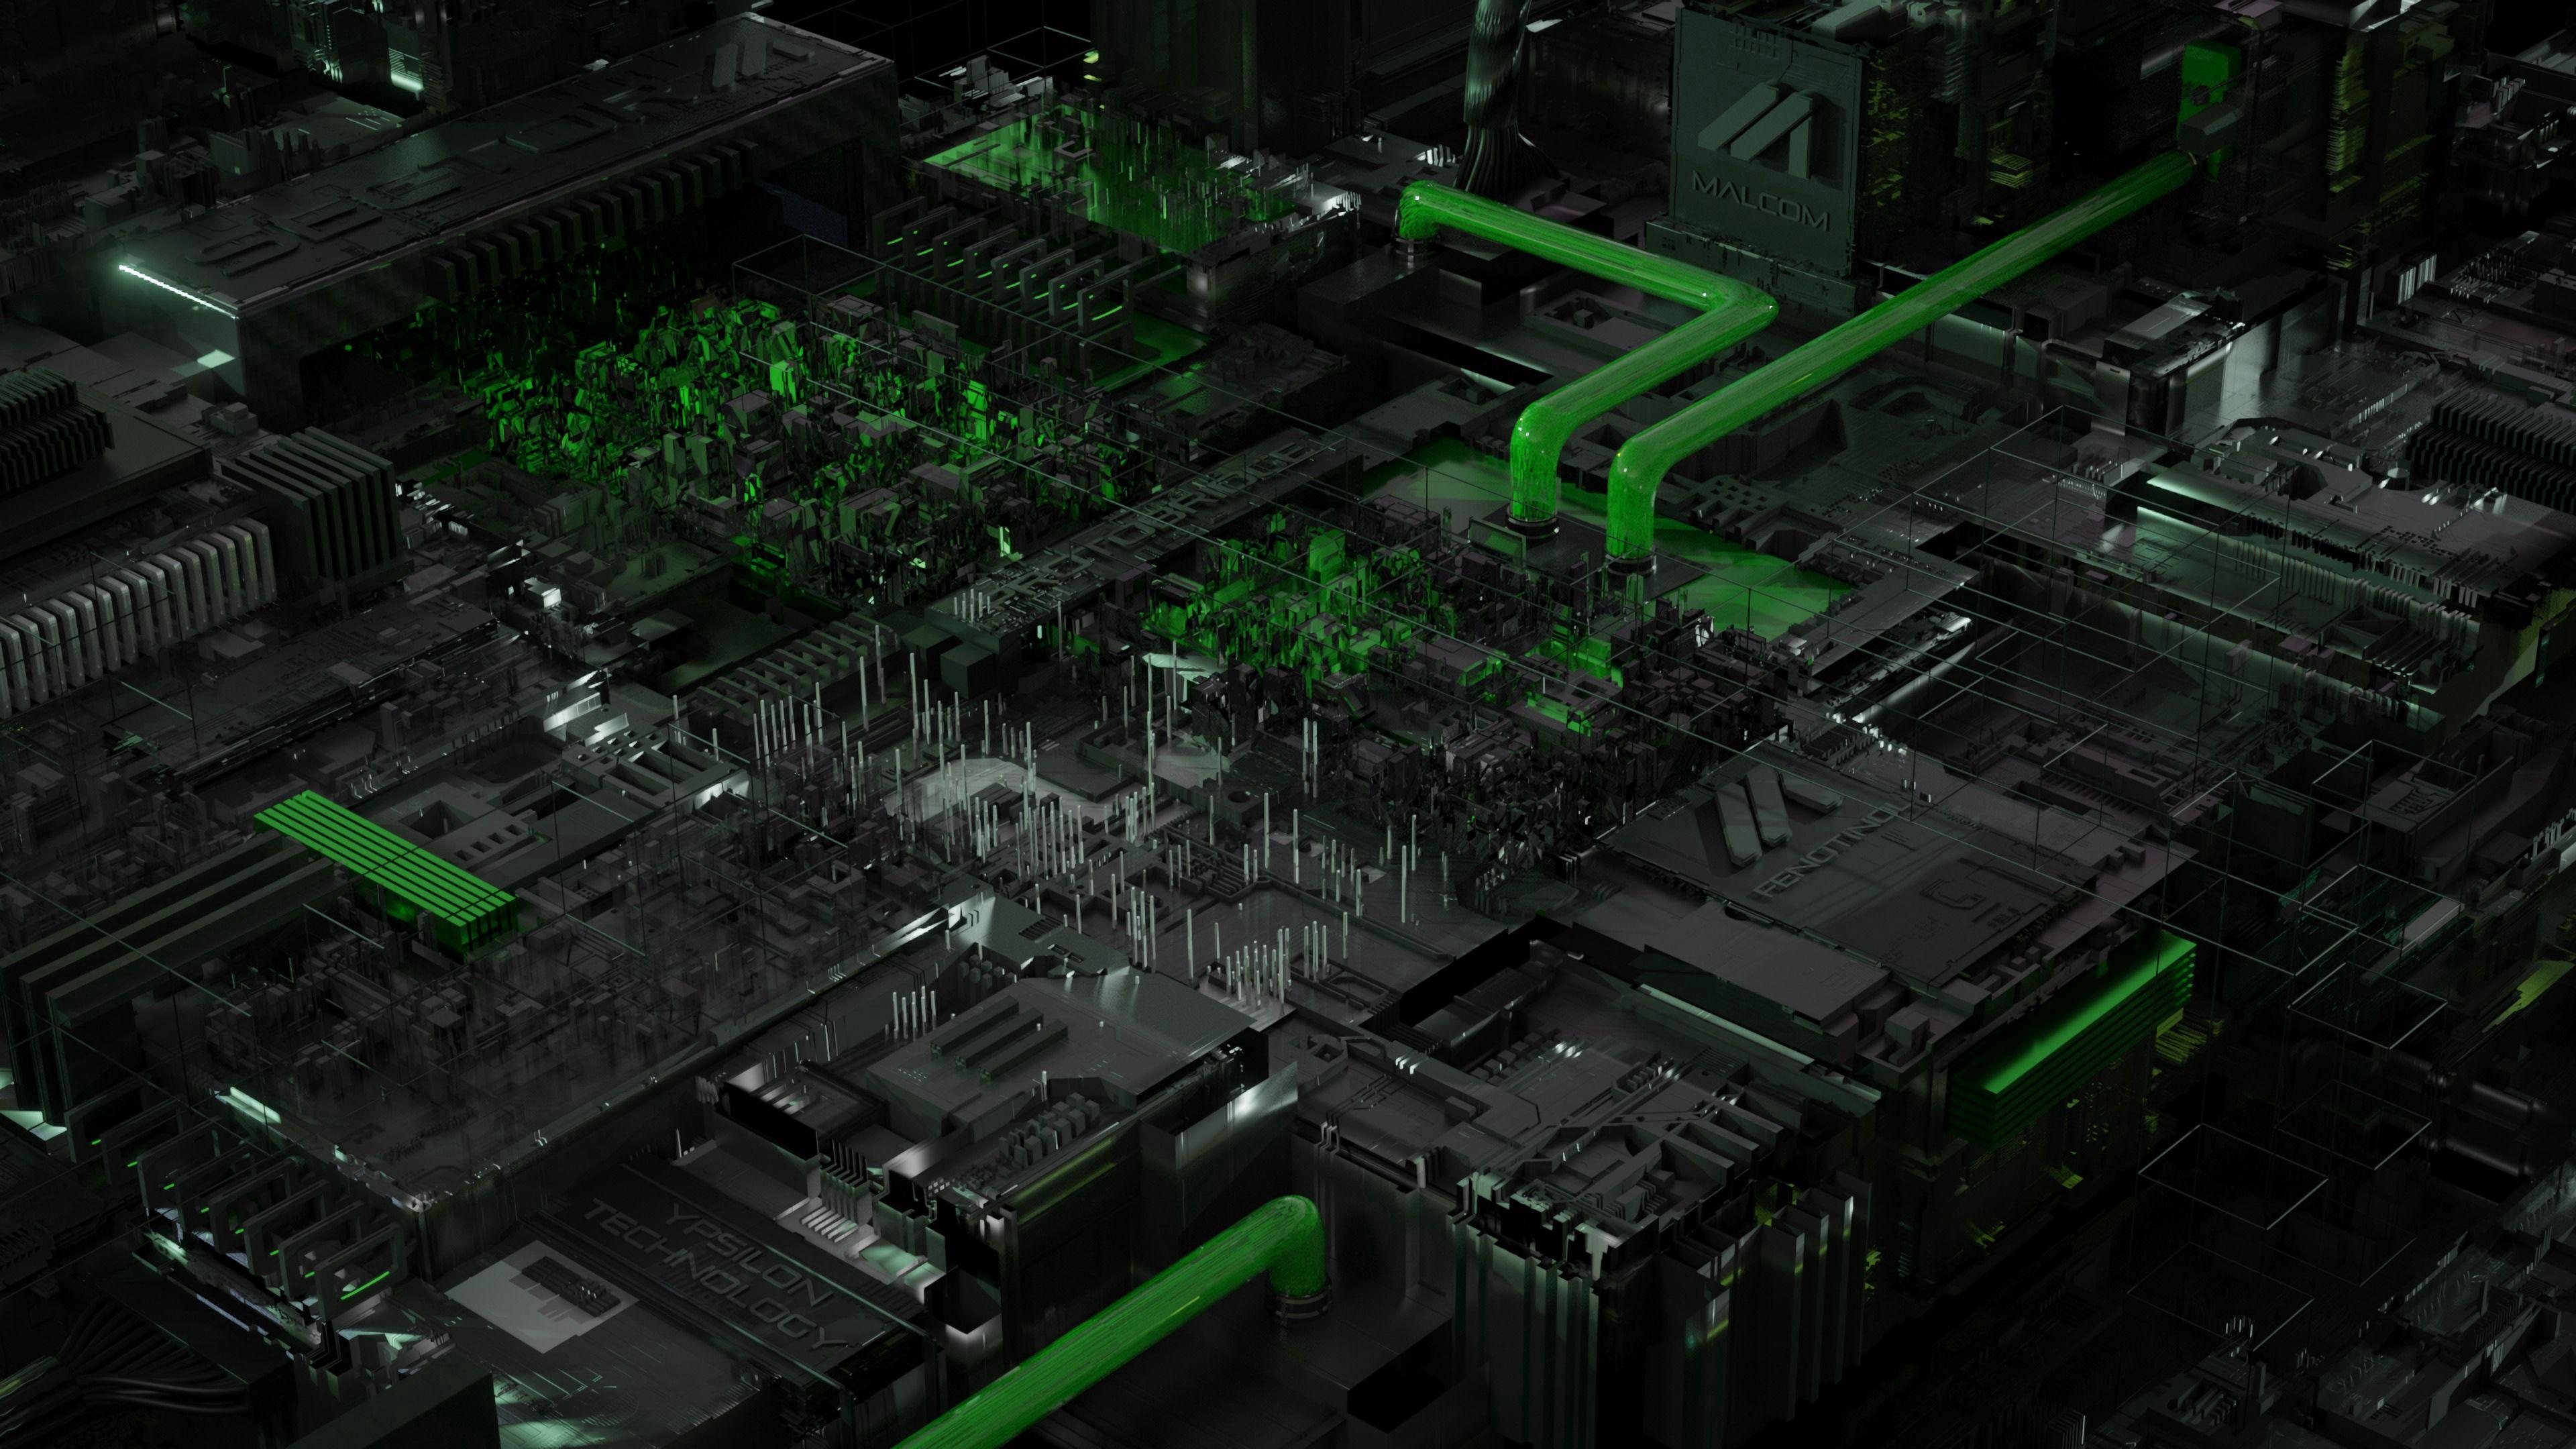 147532 Hintergrundbild herunterladen 3D, Chip, Zentralprozessor, Prozessor, Planen, Schema, Acid, Säure - Bildschirmschoner und Bilder kostenlos